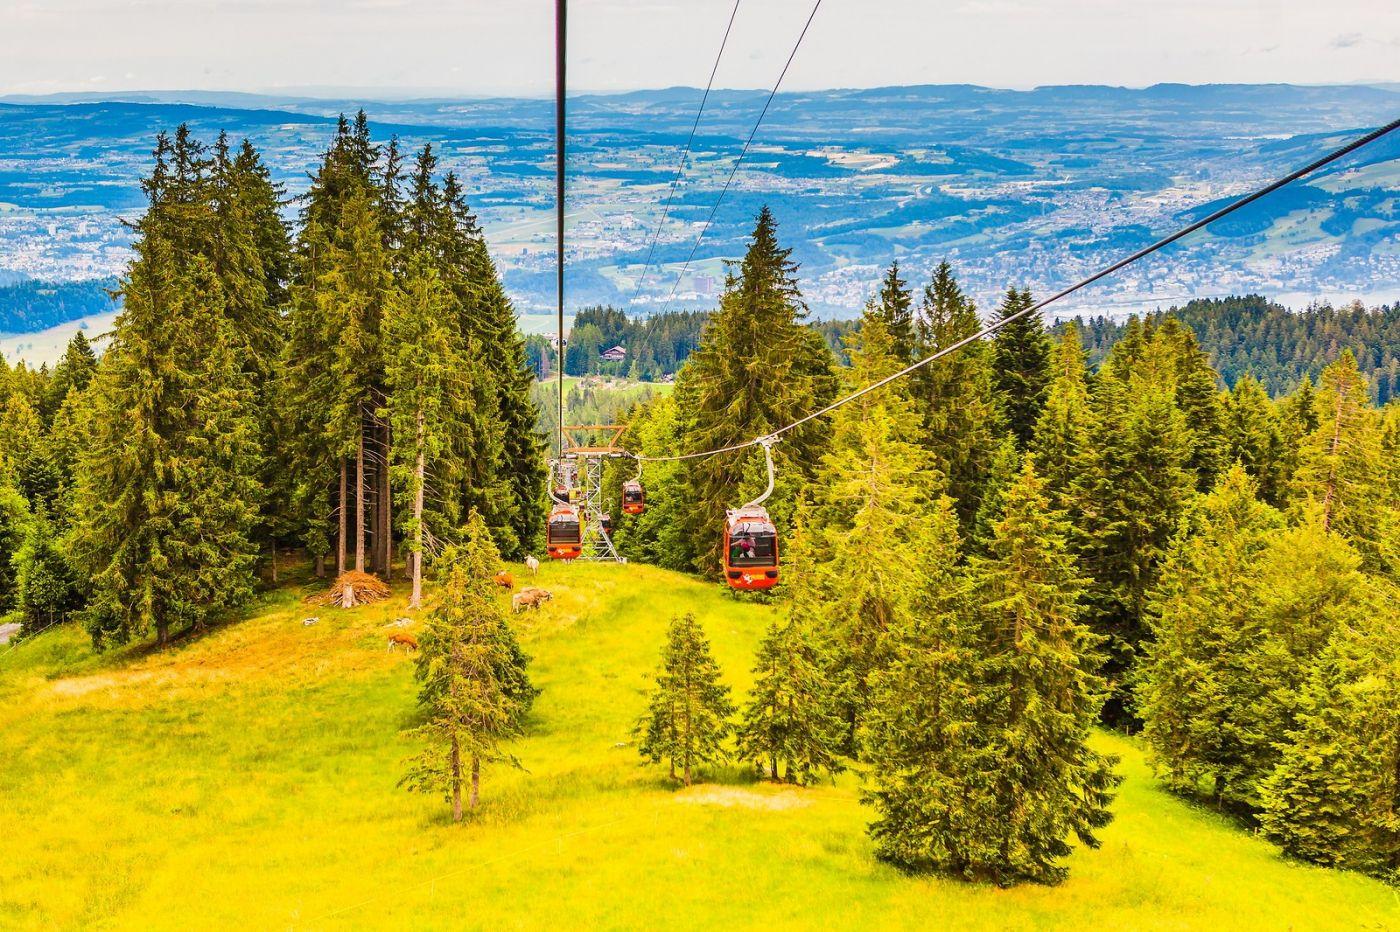 瑞士卢塞恩(Lucerne),坐缆车看风景_图1-5